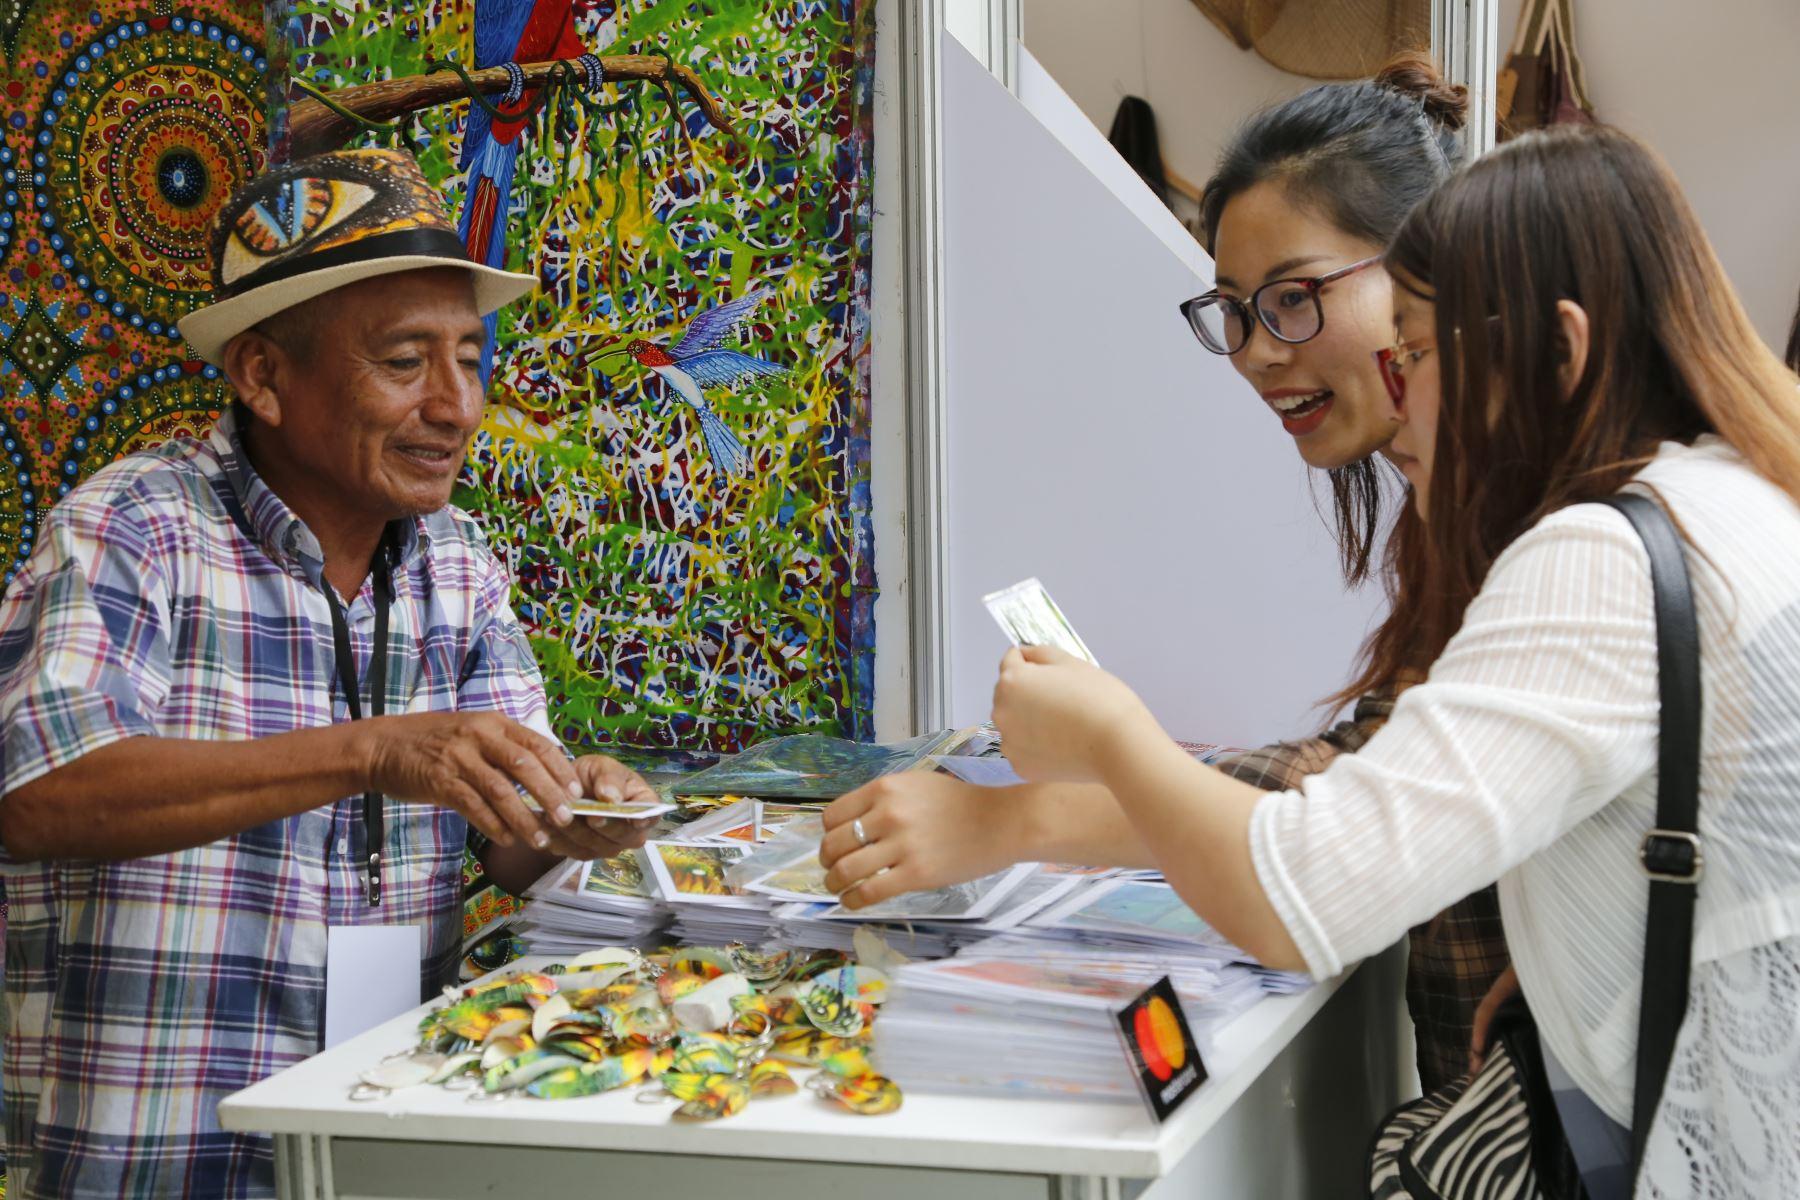 El Ministerio de Comercio Exterior y Turismo (Mincetur) informó hoy que este viernes 23 de noviembre se inaugurará la más importante feria de artesanía amazónica del Perú: Arte Nativa 2018. En este evento los asistentes podrán encontrar bellas creaciones elaboradas por 17 pueblos originarios amazónicos: Achuar, Ashaninka, Awajún, Bora, Cacataibo, Cashinahua, Ese Eja, Ikitu, Isconawa, Kichwa, Kukama Kukamiria, Maijuna, Matsigenka, Shawi, Shipibo-Konibo, Yanesha y Yine.Foto: ANDINA/Mincetur